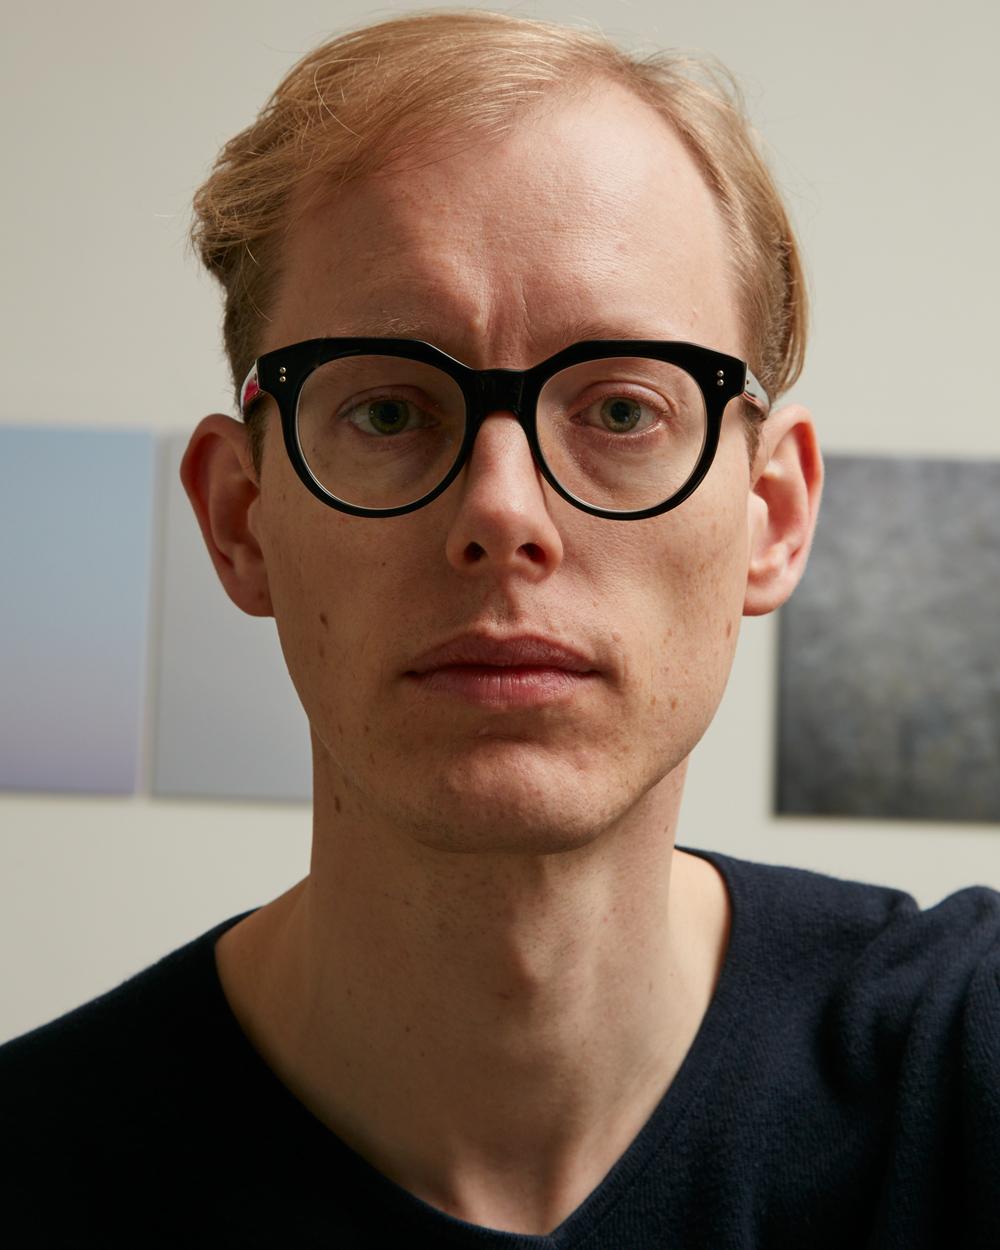 2015_11_03-Portret-Johan-Nieuwenhuize0527